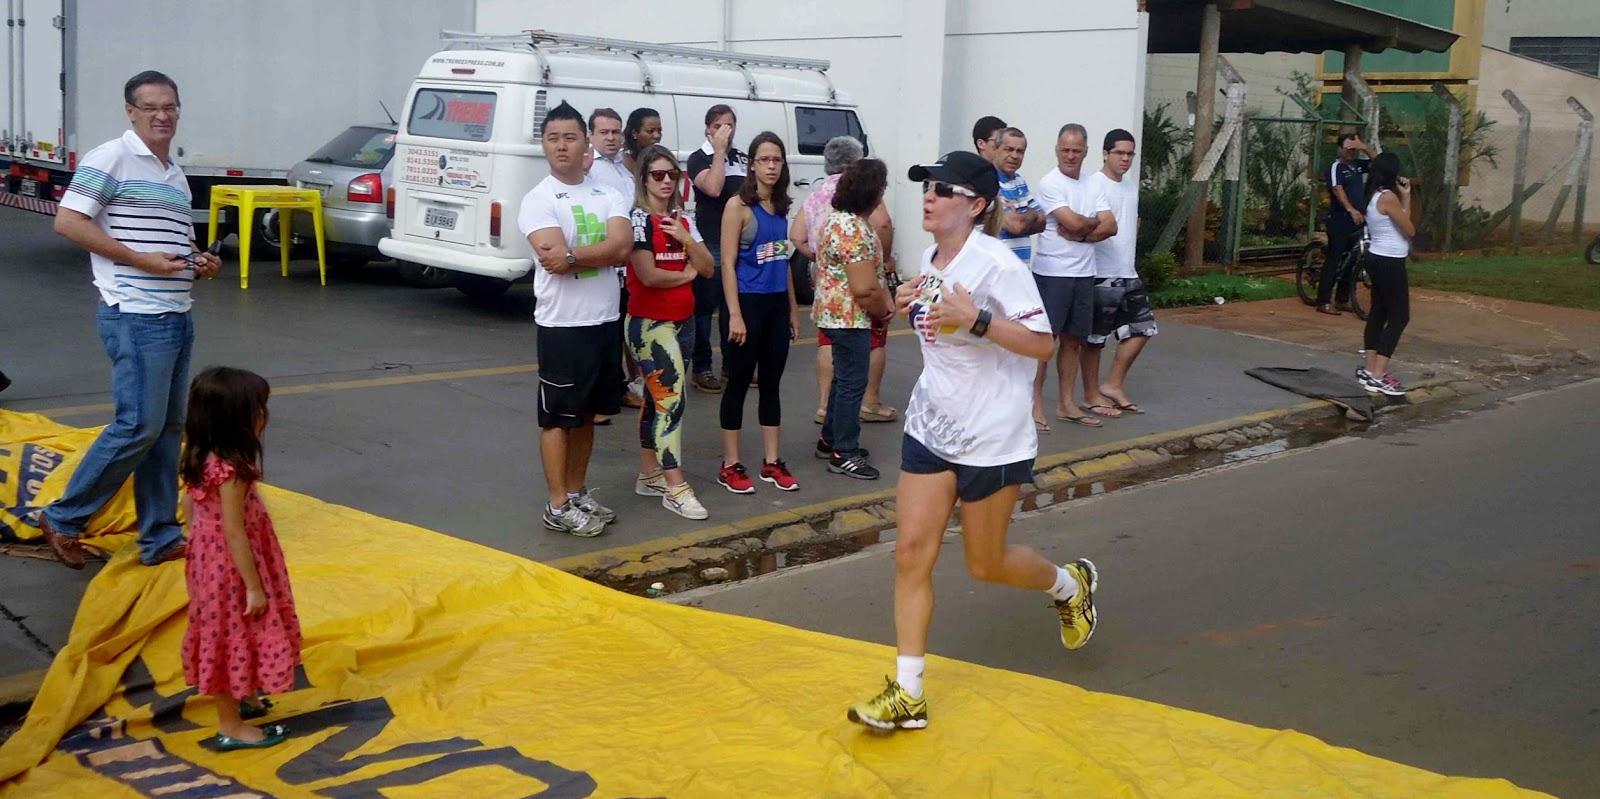 Foto 144 da 1ª Corrida Av. dos Coqueiros em Barretos-SP 14/04/2013 – Atletas cruzando a linha de chegada